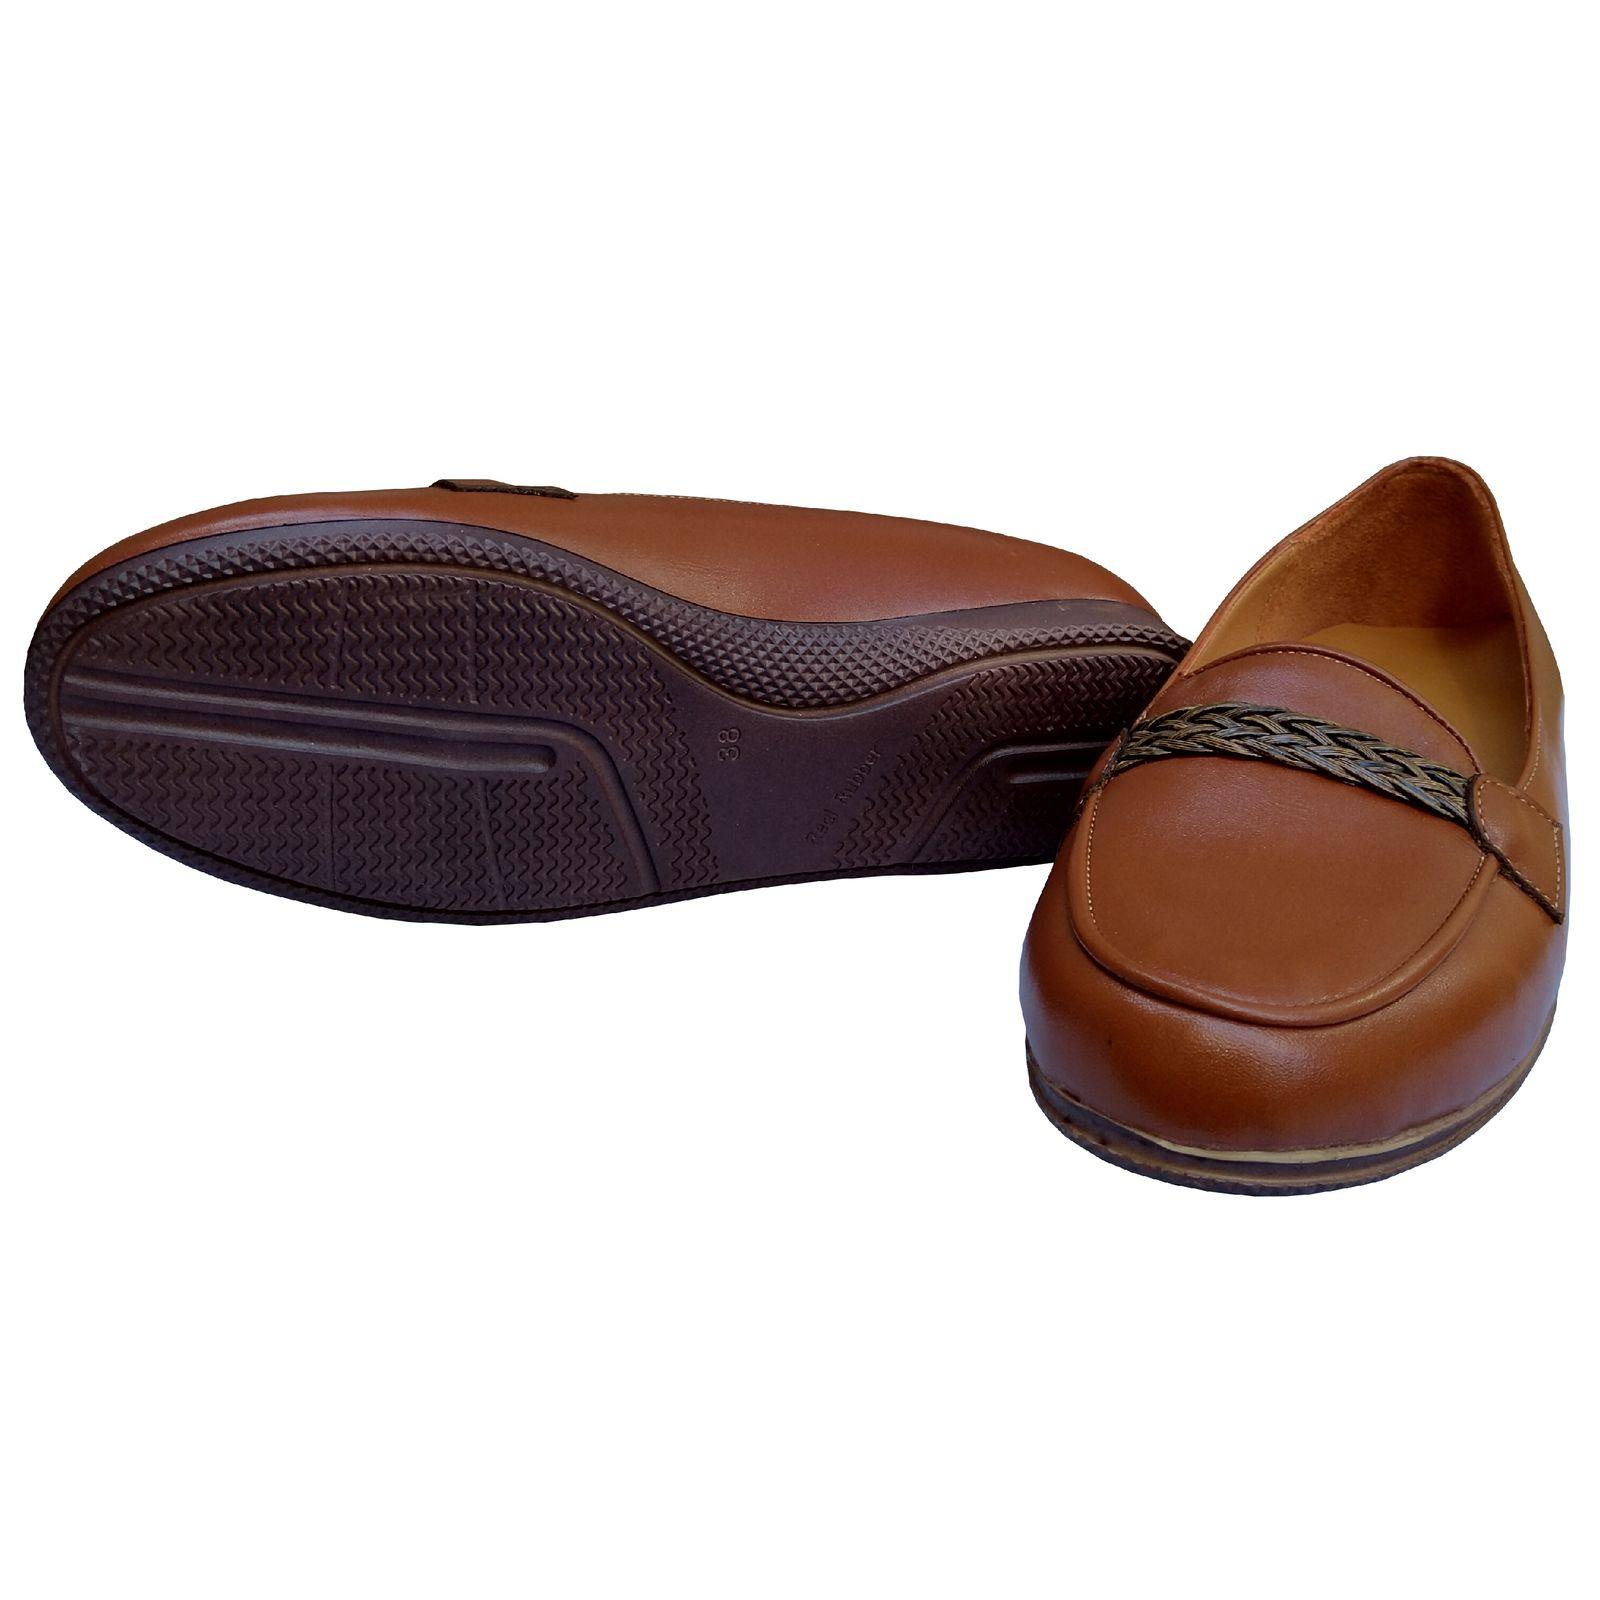 کفش روزمره زنانه مدل SK 312 -  - 5